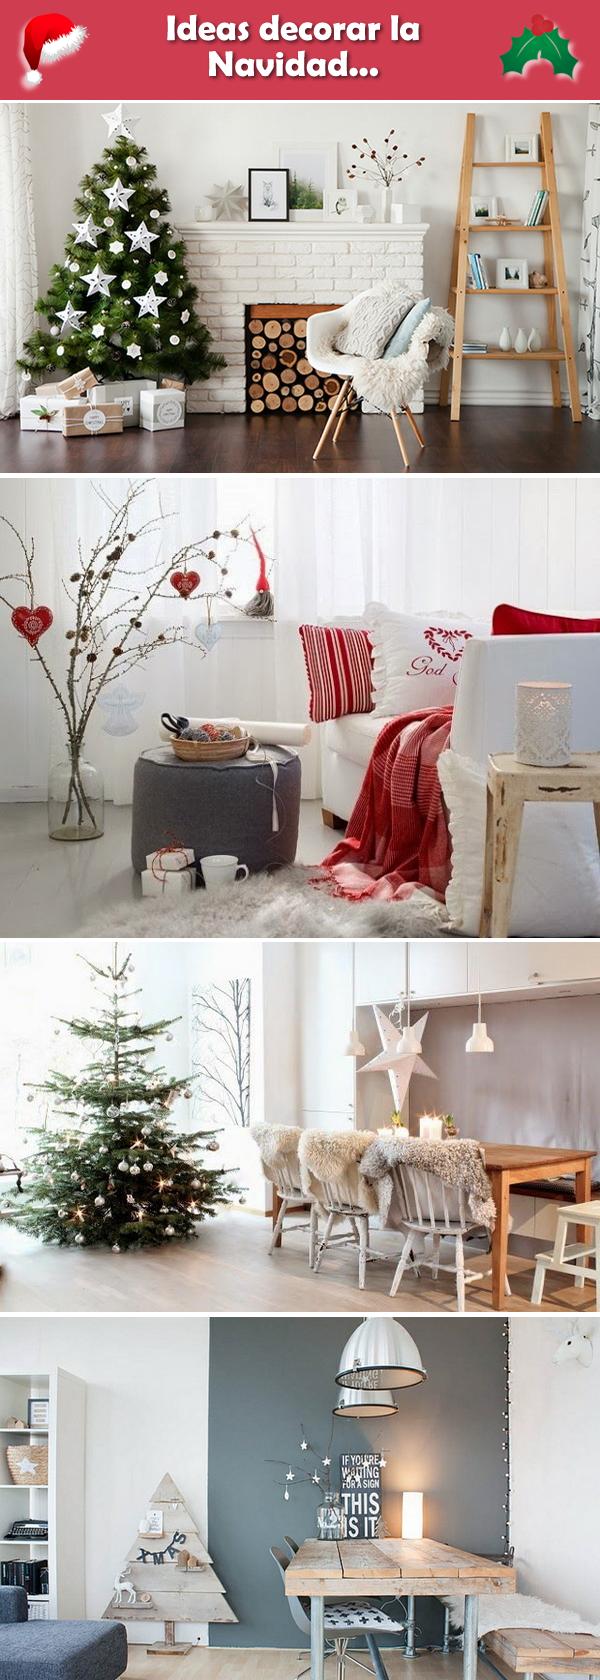 Ideas para decorar la navidad decoraci n navide a ideas - Decoracion navidena exterior ...